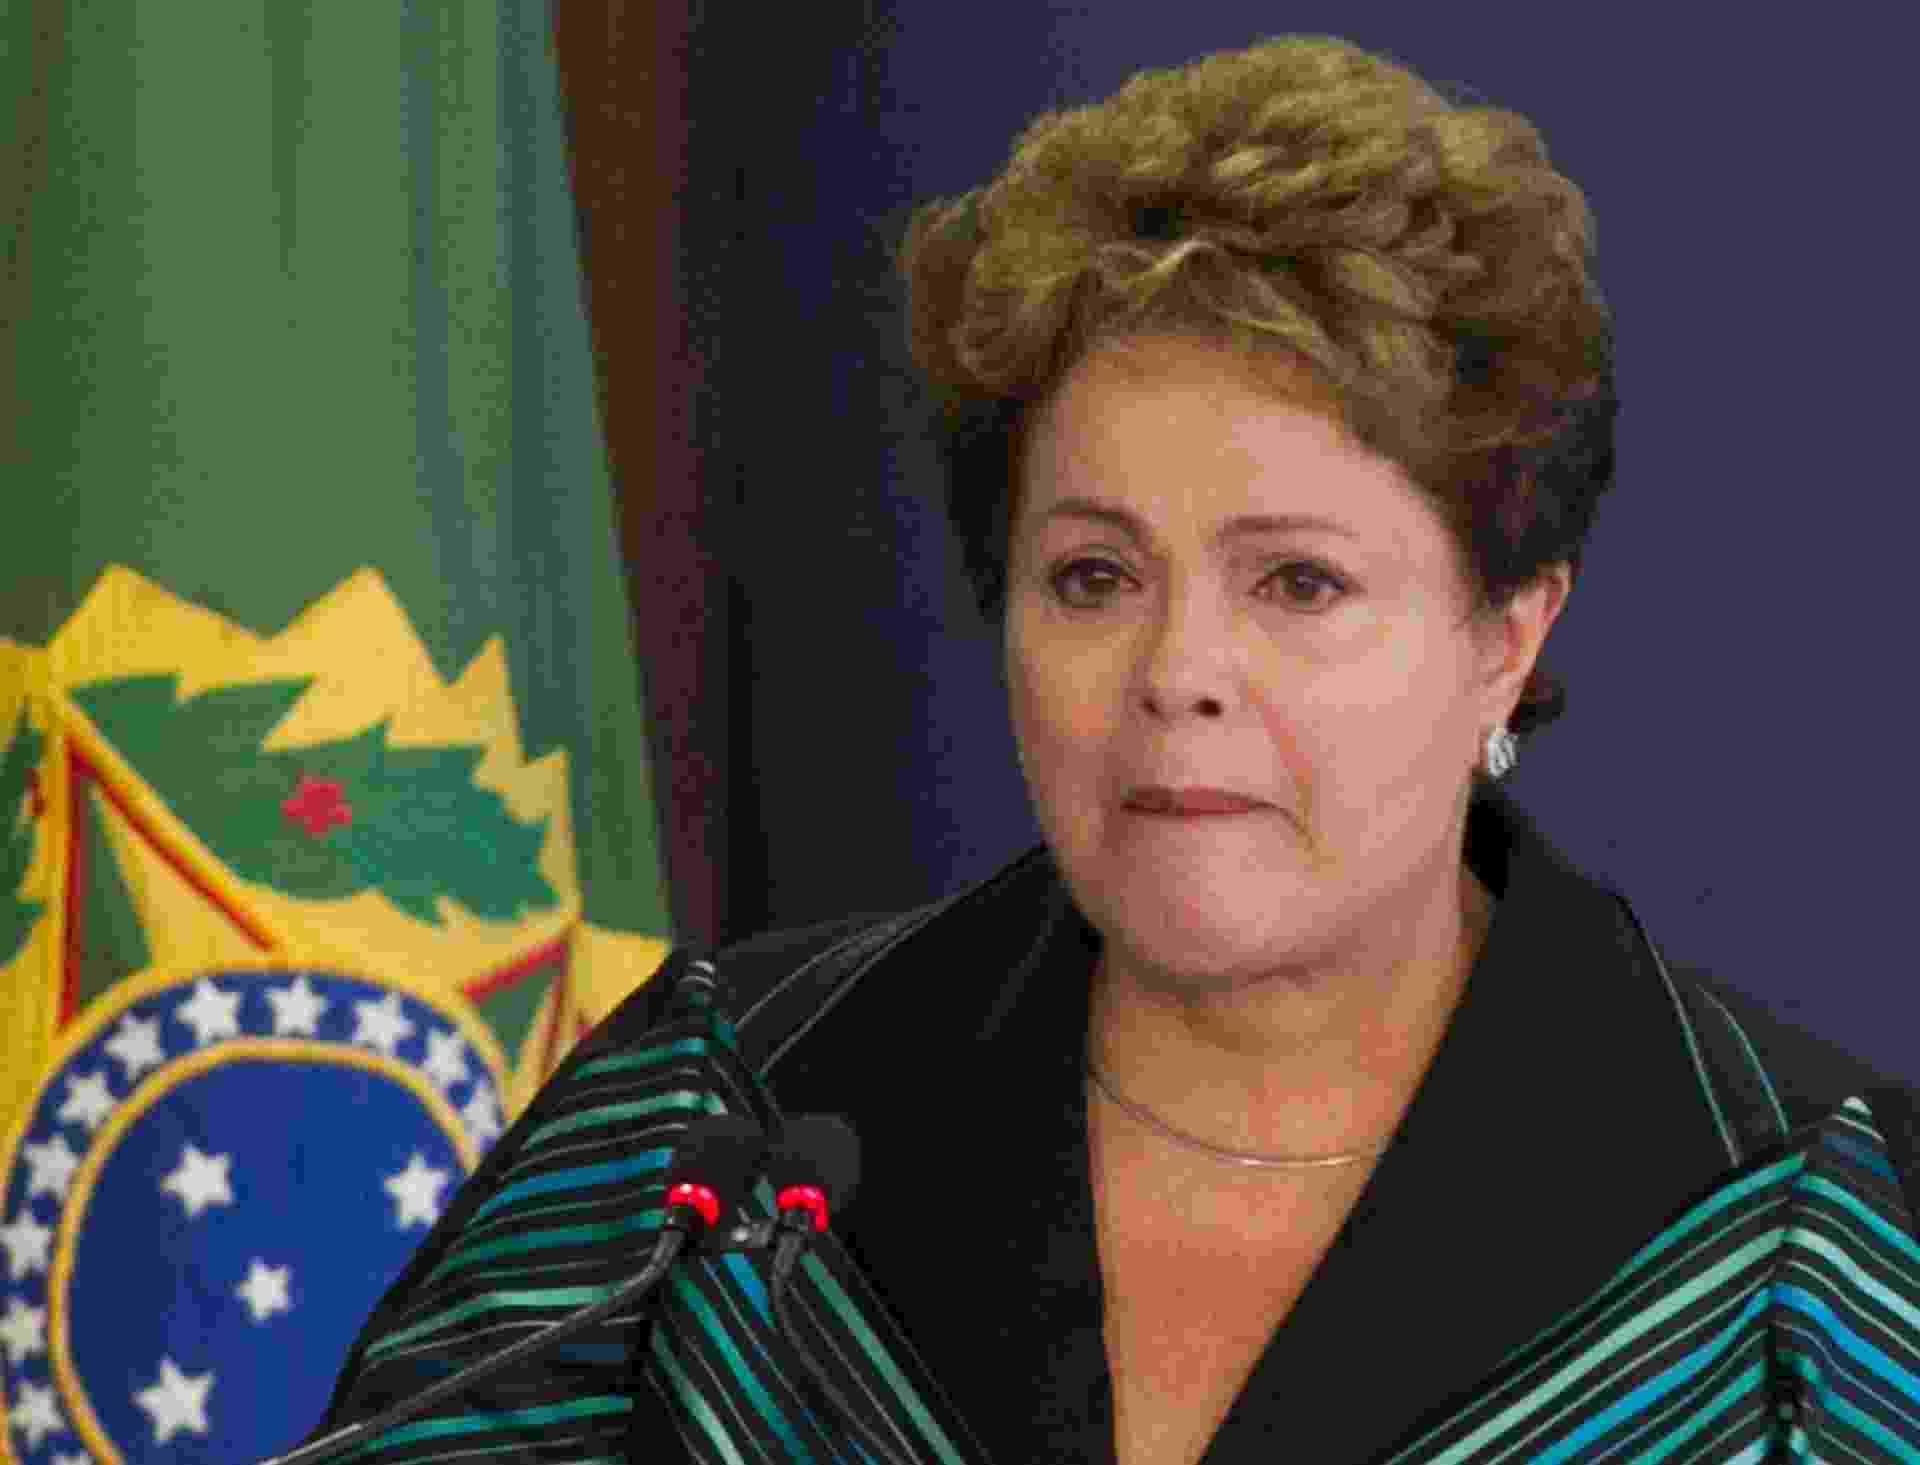 10.dez.2014 - A presidente Dilma Rousseff chorou ao discursar nesta quarta-feira (10) em cerimônia onde recebeu o relatório final da Comissão Nacional da Verdade sobre crimes e violações de direitos humanos que ocorreram no período entre 1946 a 1988, com foco na ditadura militar (1964-1985), em Brasília. A cerimônia aconteceu no Dia Mundial dos Direitos Humanos. O documento conta com a descrição do trabalho realizado, a apresentação dos fatos examinados, as conclusões e as recomendações sobre o tema - Ed Ferreira/ Estadão Conteúdo